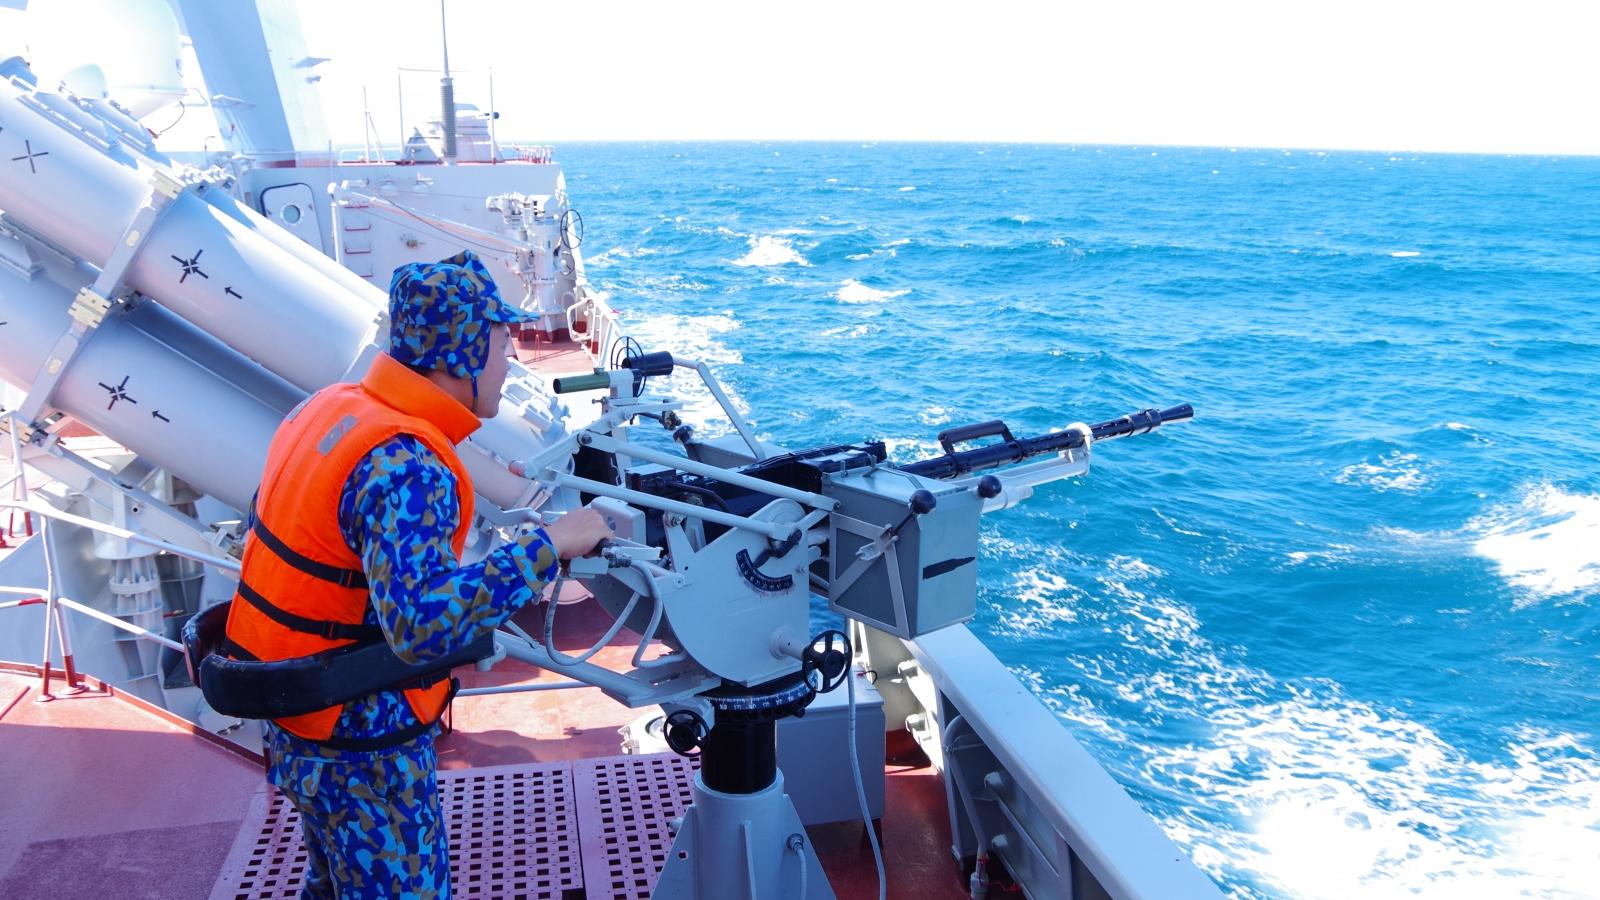 Hai chiến hạm của Hải quân Việt Nam lần đầu tiên thi đấu Army Games 2021